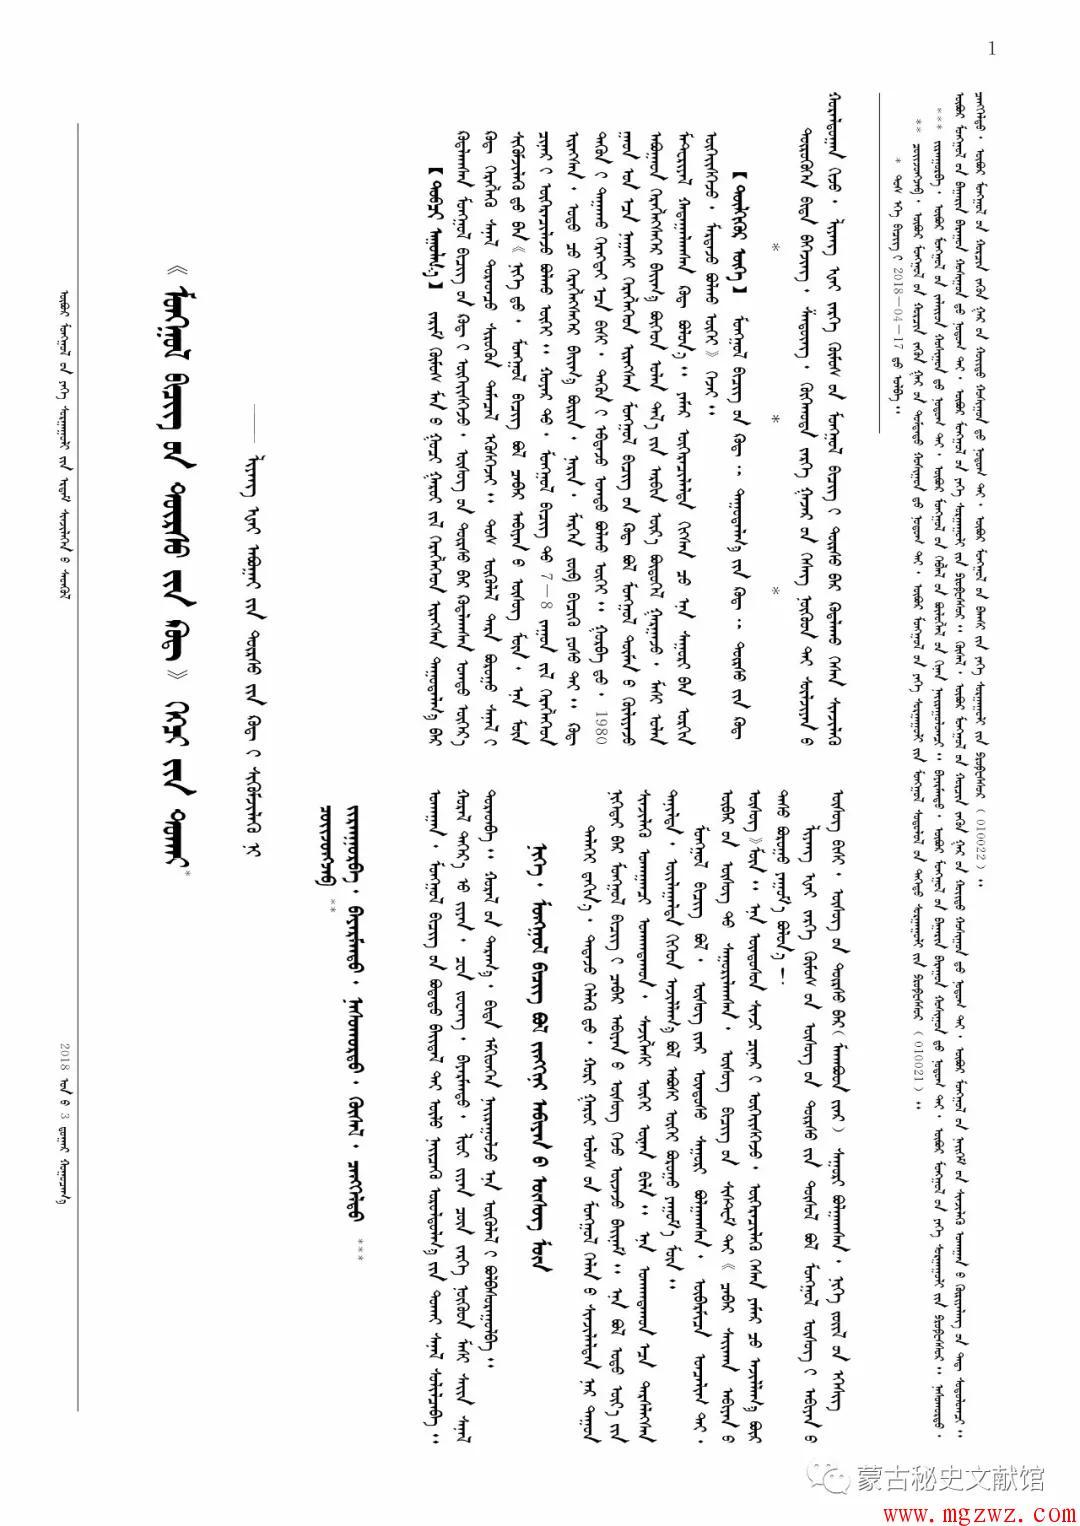 确精扎布教授等著文驳斥所谓《蒙古文字形码》一说